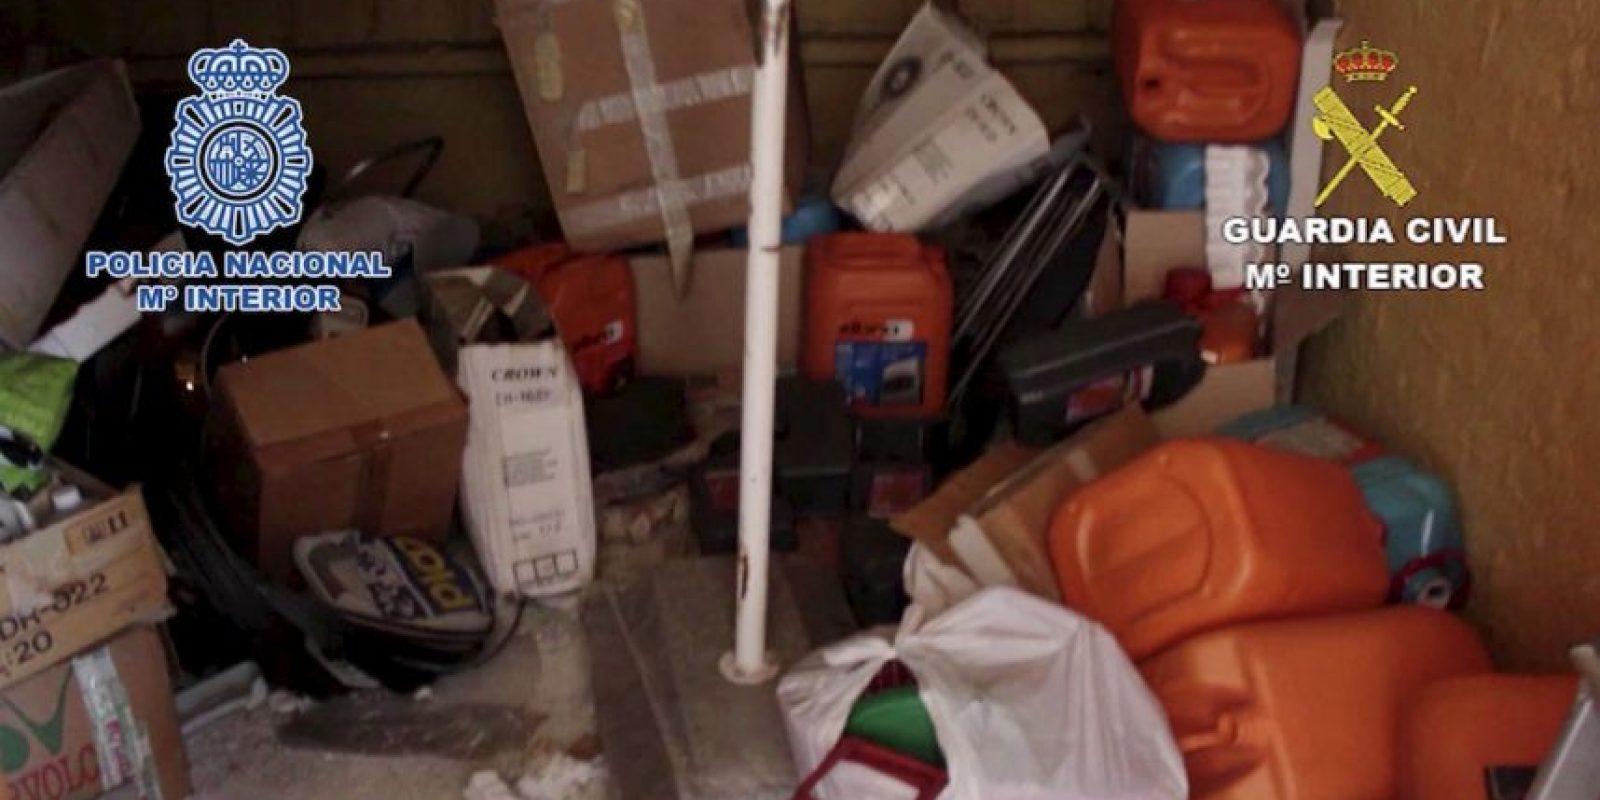 Además de tener todo tipo de objetos inutilizados Foto:Policia Nacional de España